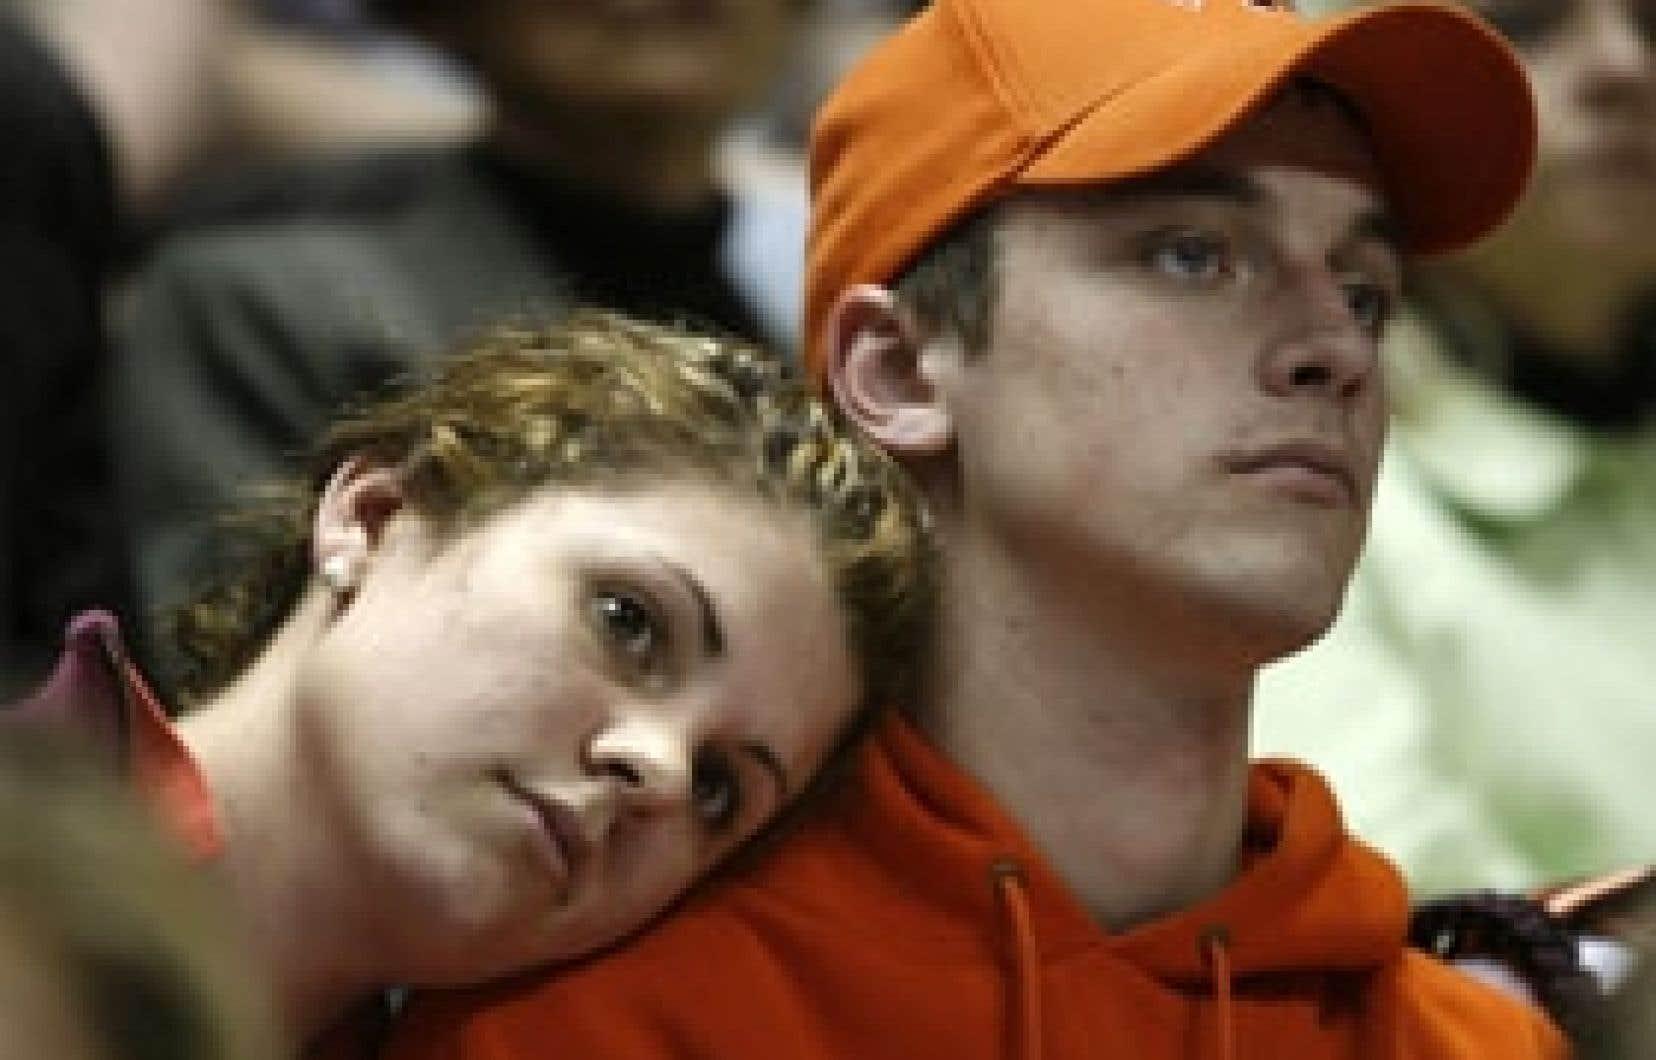 Deux étudiants de Virginia Tech assistent silencieusement à une cérémonie en hommage aux victimes de la tuerie.